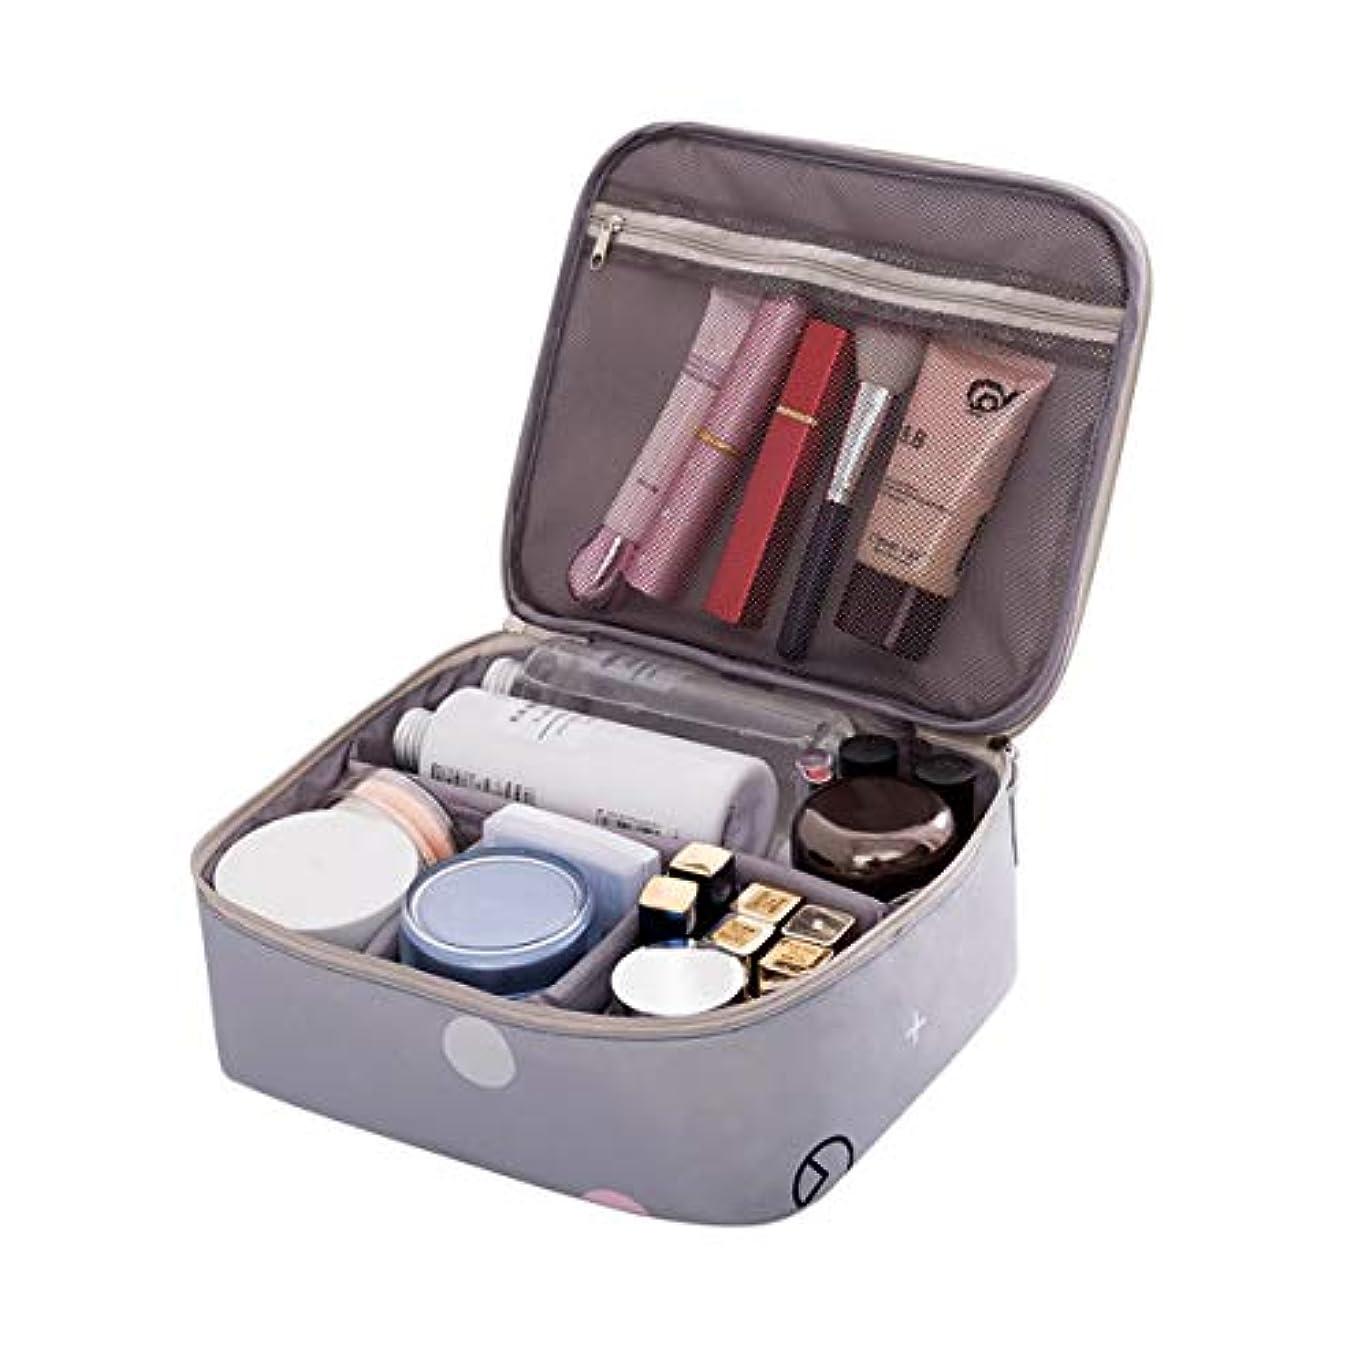 離れた超越するリラックスしたCoolzon化粧ポーチ 防水 機能的 大容量 化粧バッグ 軽量 化粧品収納 メイクボックス 折畳式 可愛い 旅行 出張( グレー)